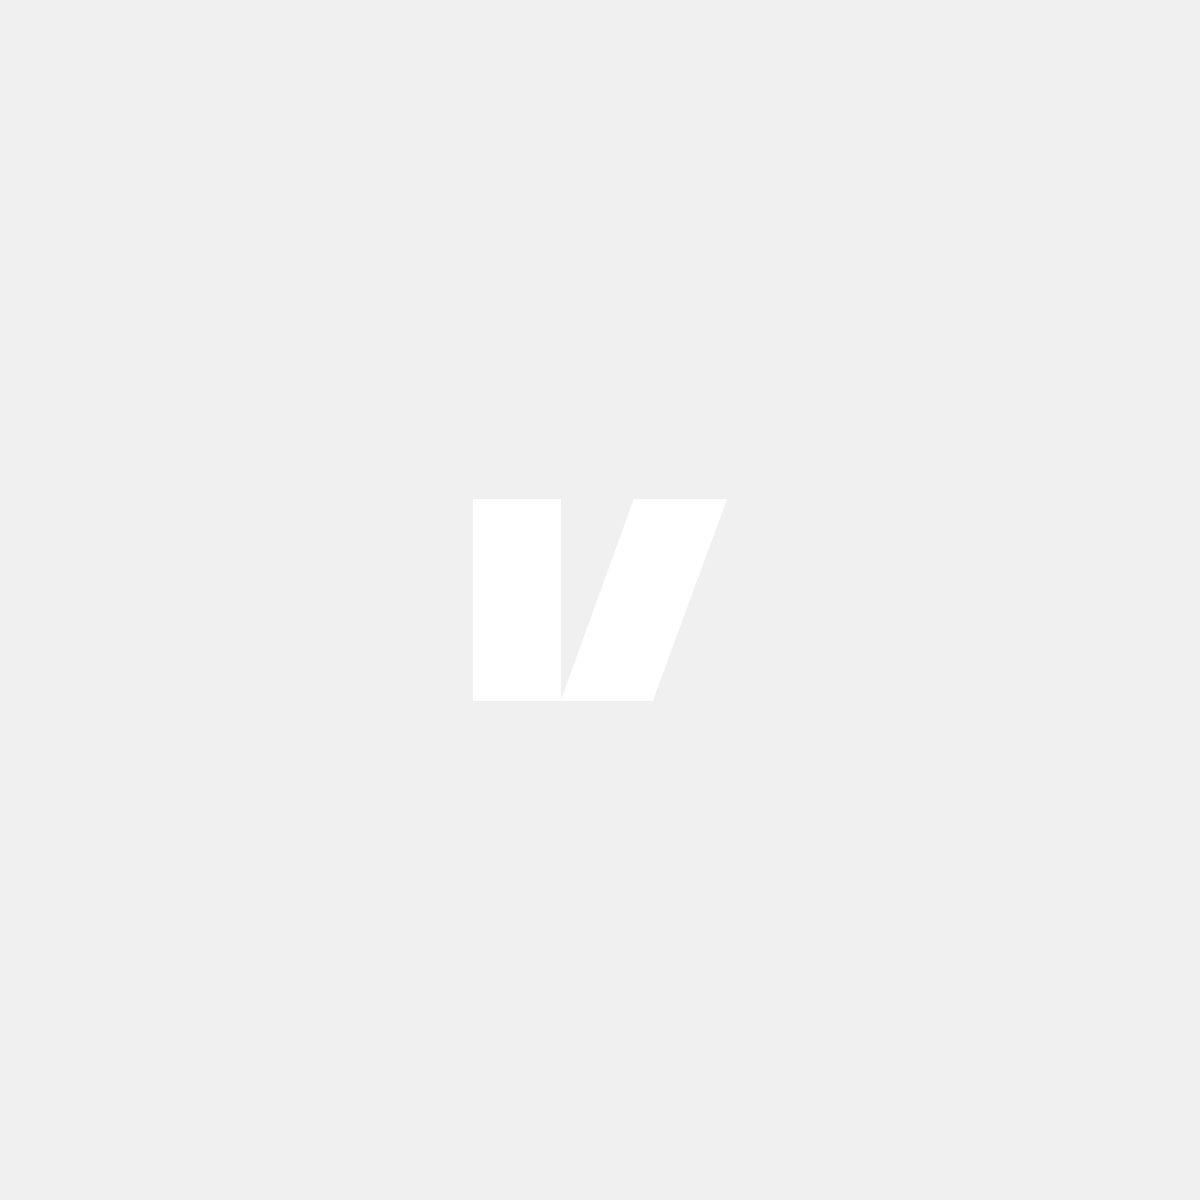 Mattkromade backspegelkåpor till Volvo XC70 08-17